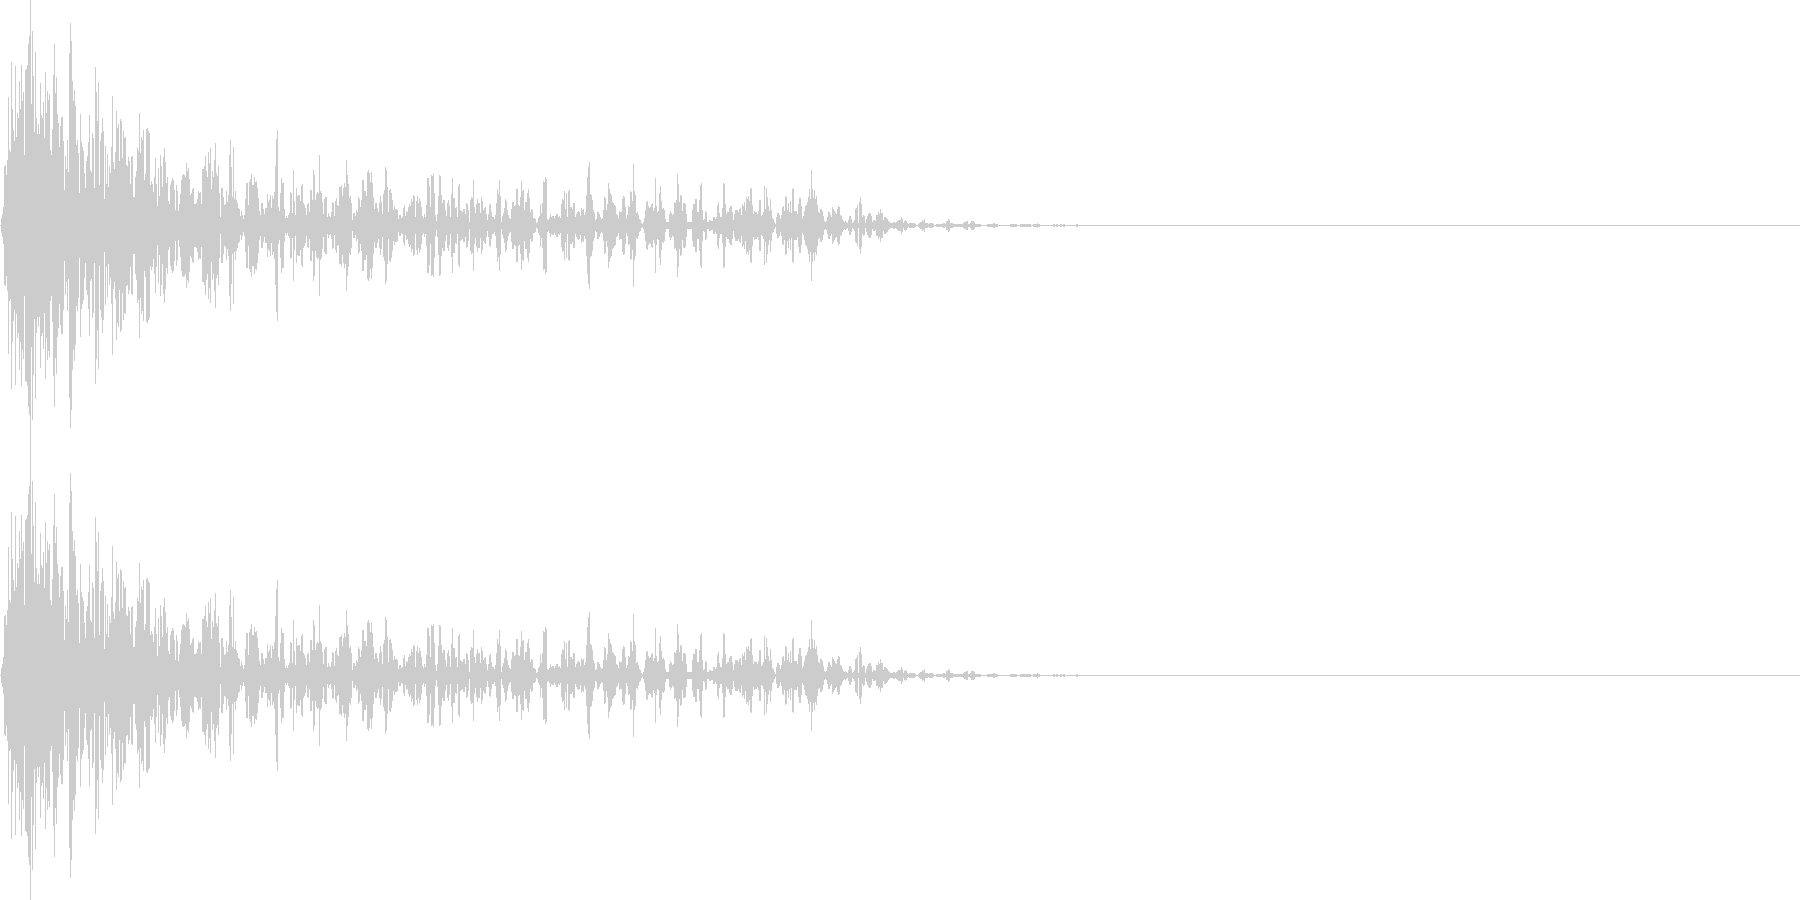 ブワーン(マイナス_ミス_少し長い)の未再生の波形